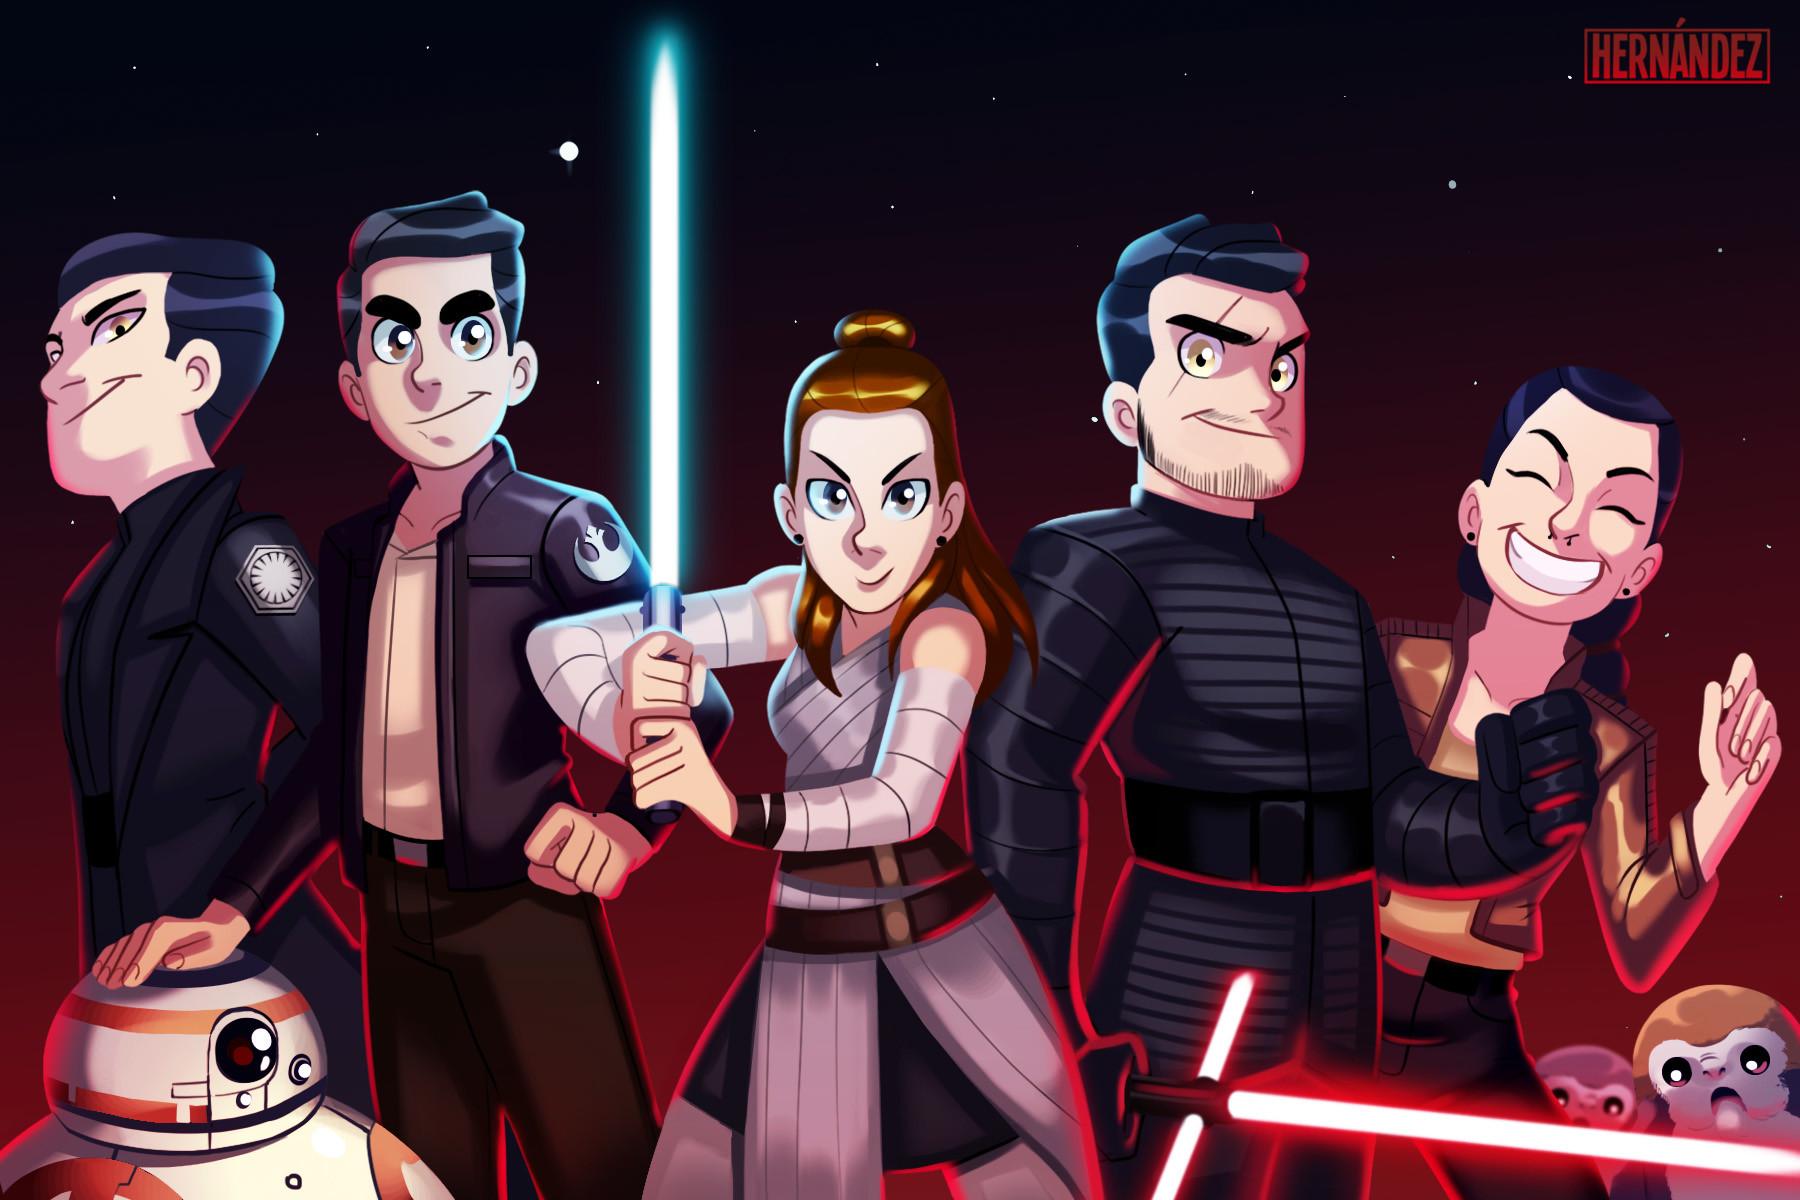 The Last Jedi team Star wars tribute. 2017